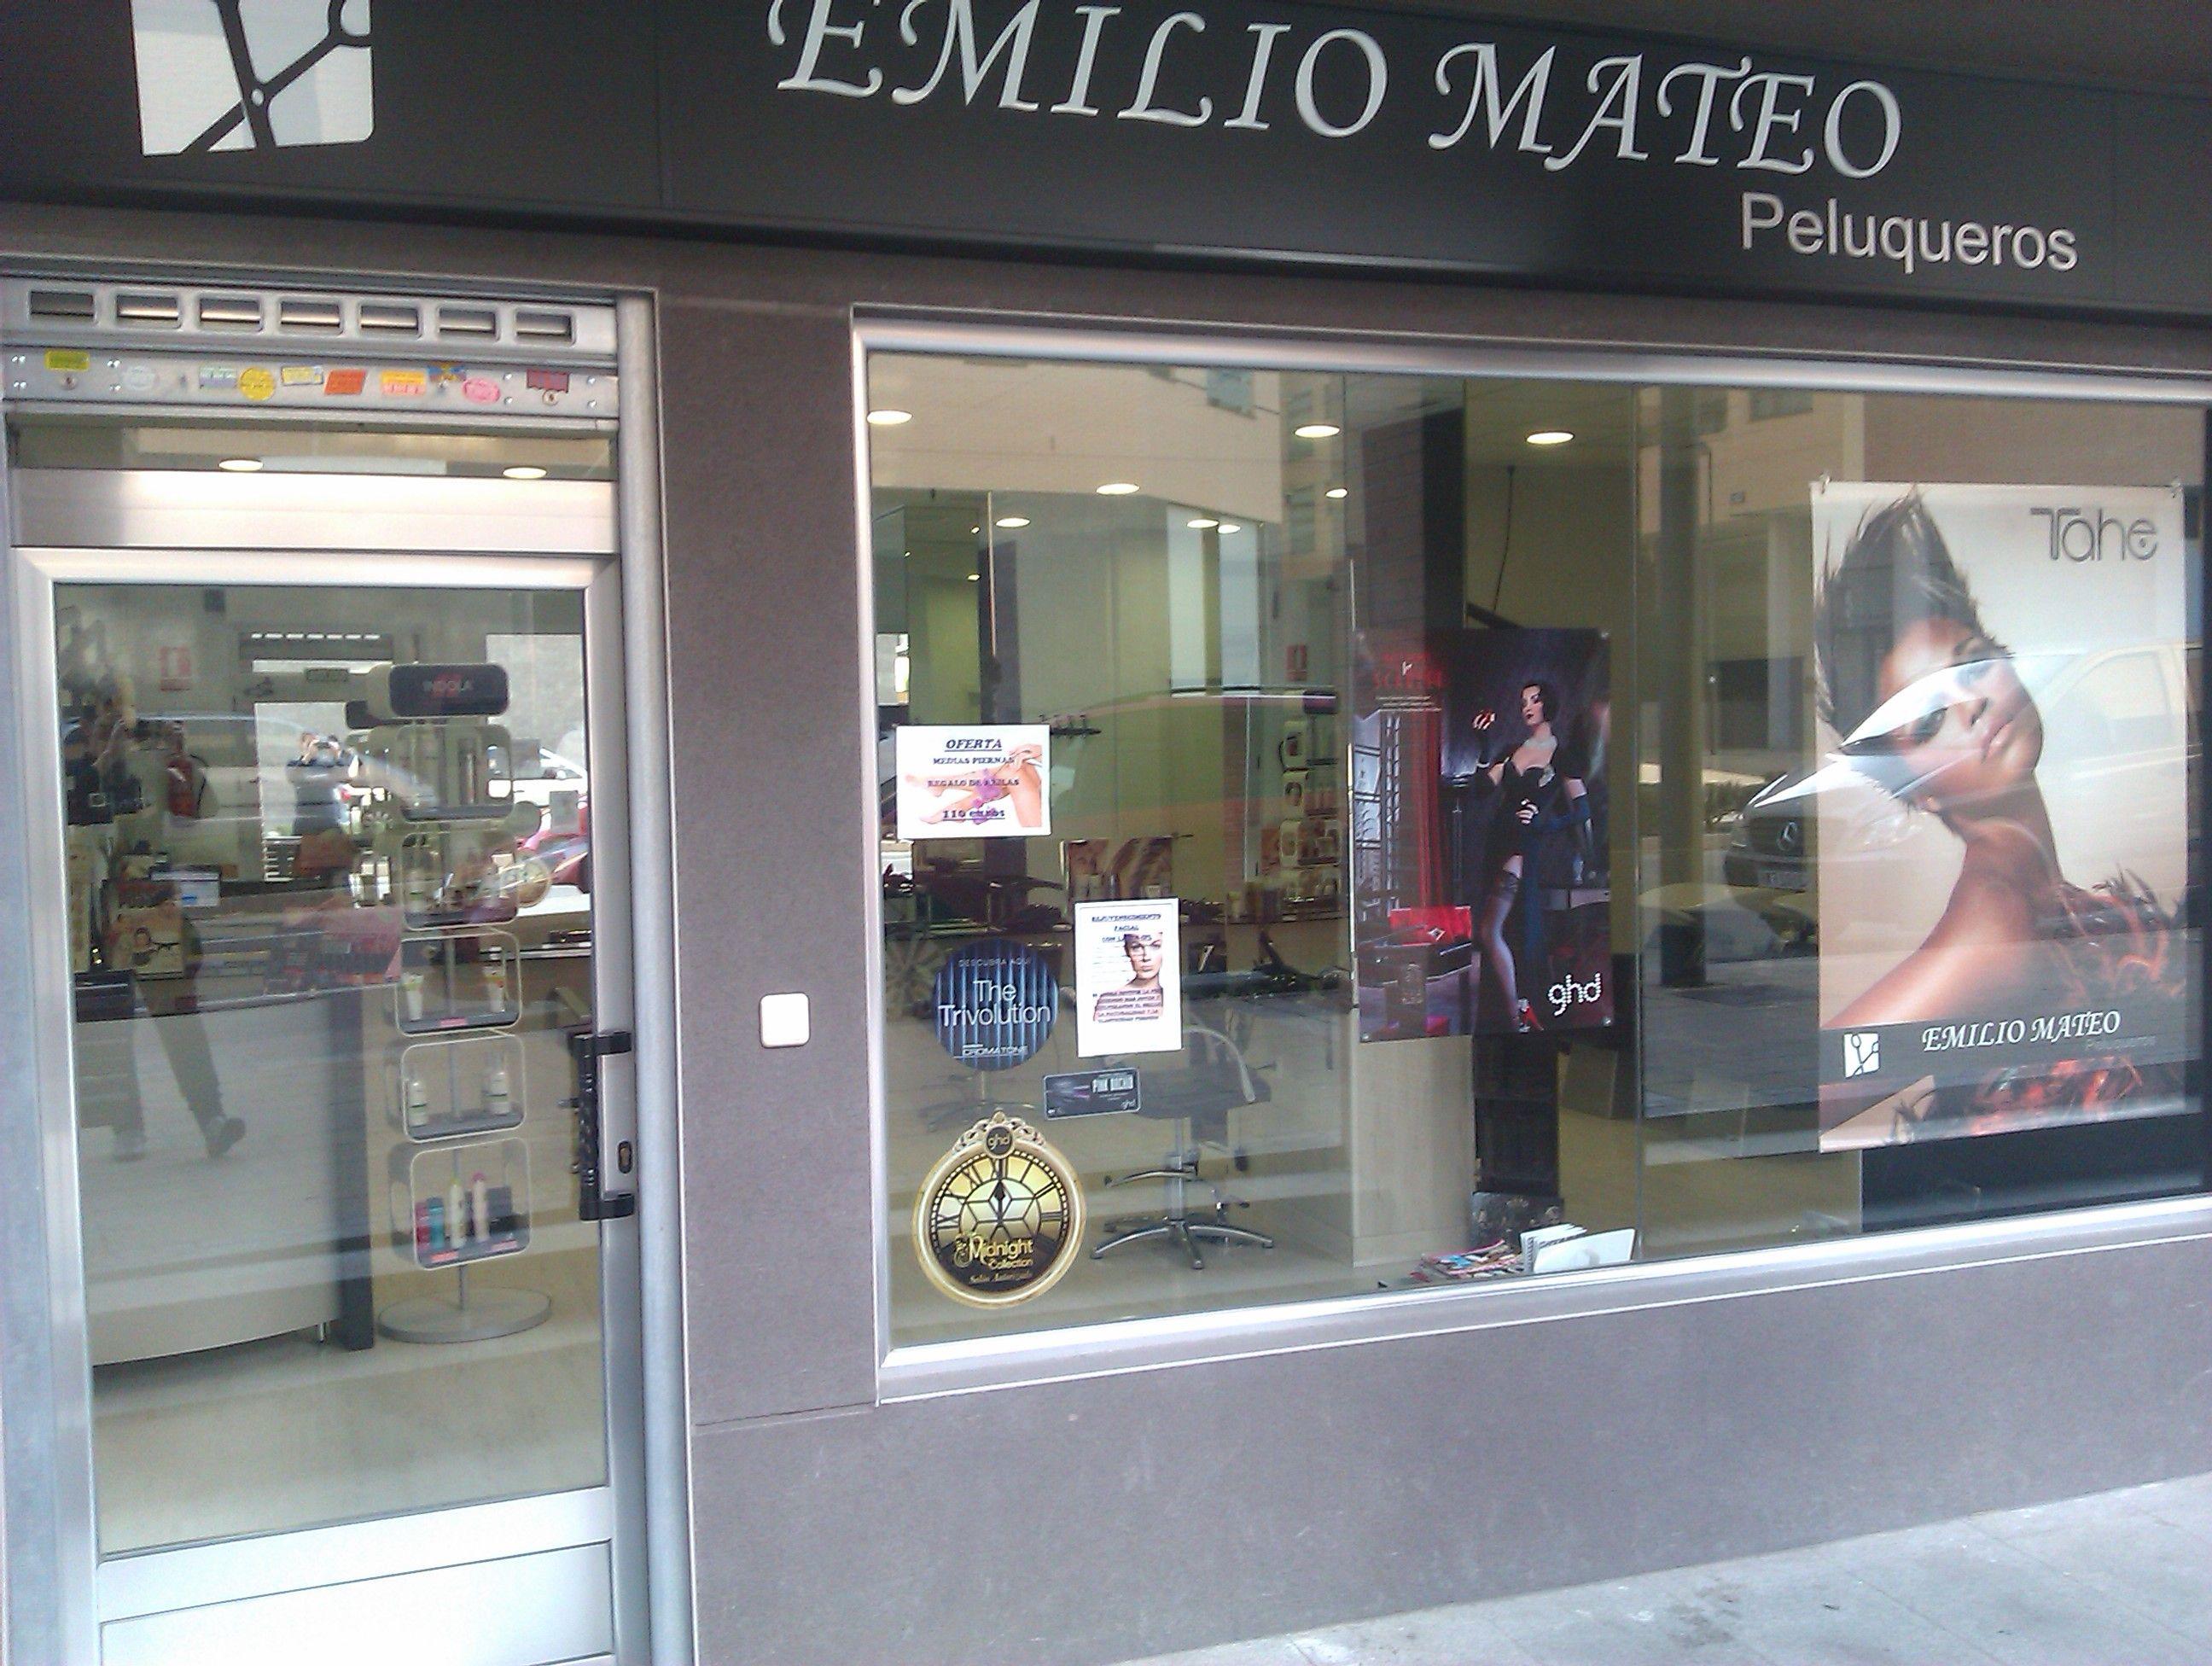 Foto 4 de Peluquería mujer-hombre en  | Emilio Mateo Peluqueros